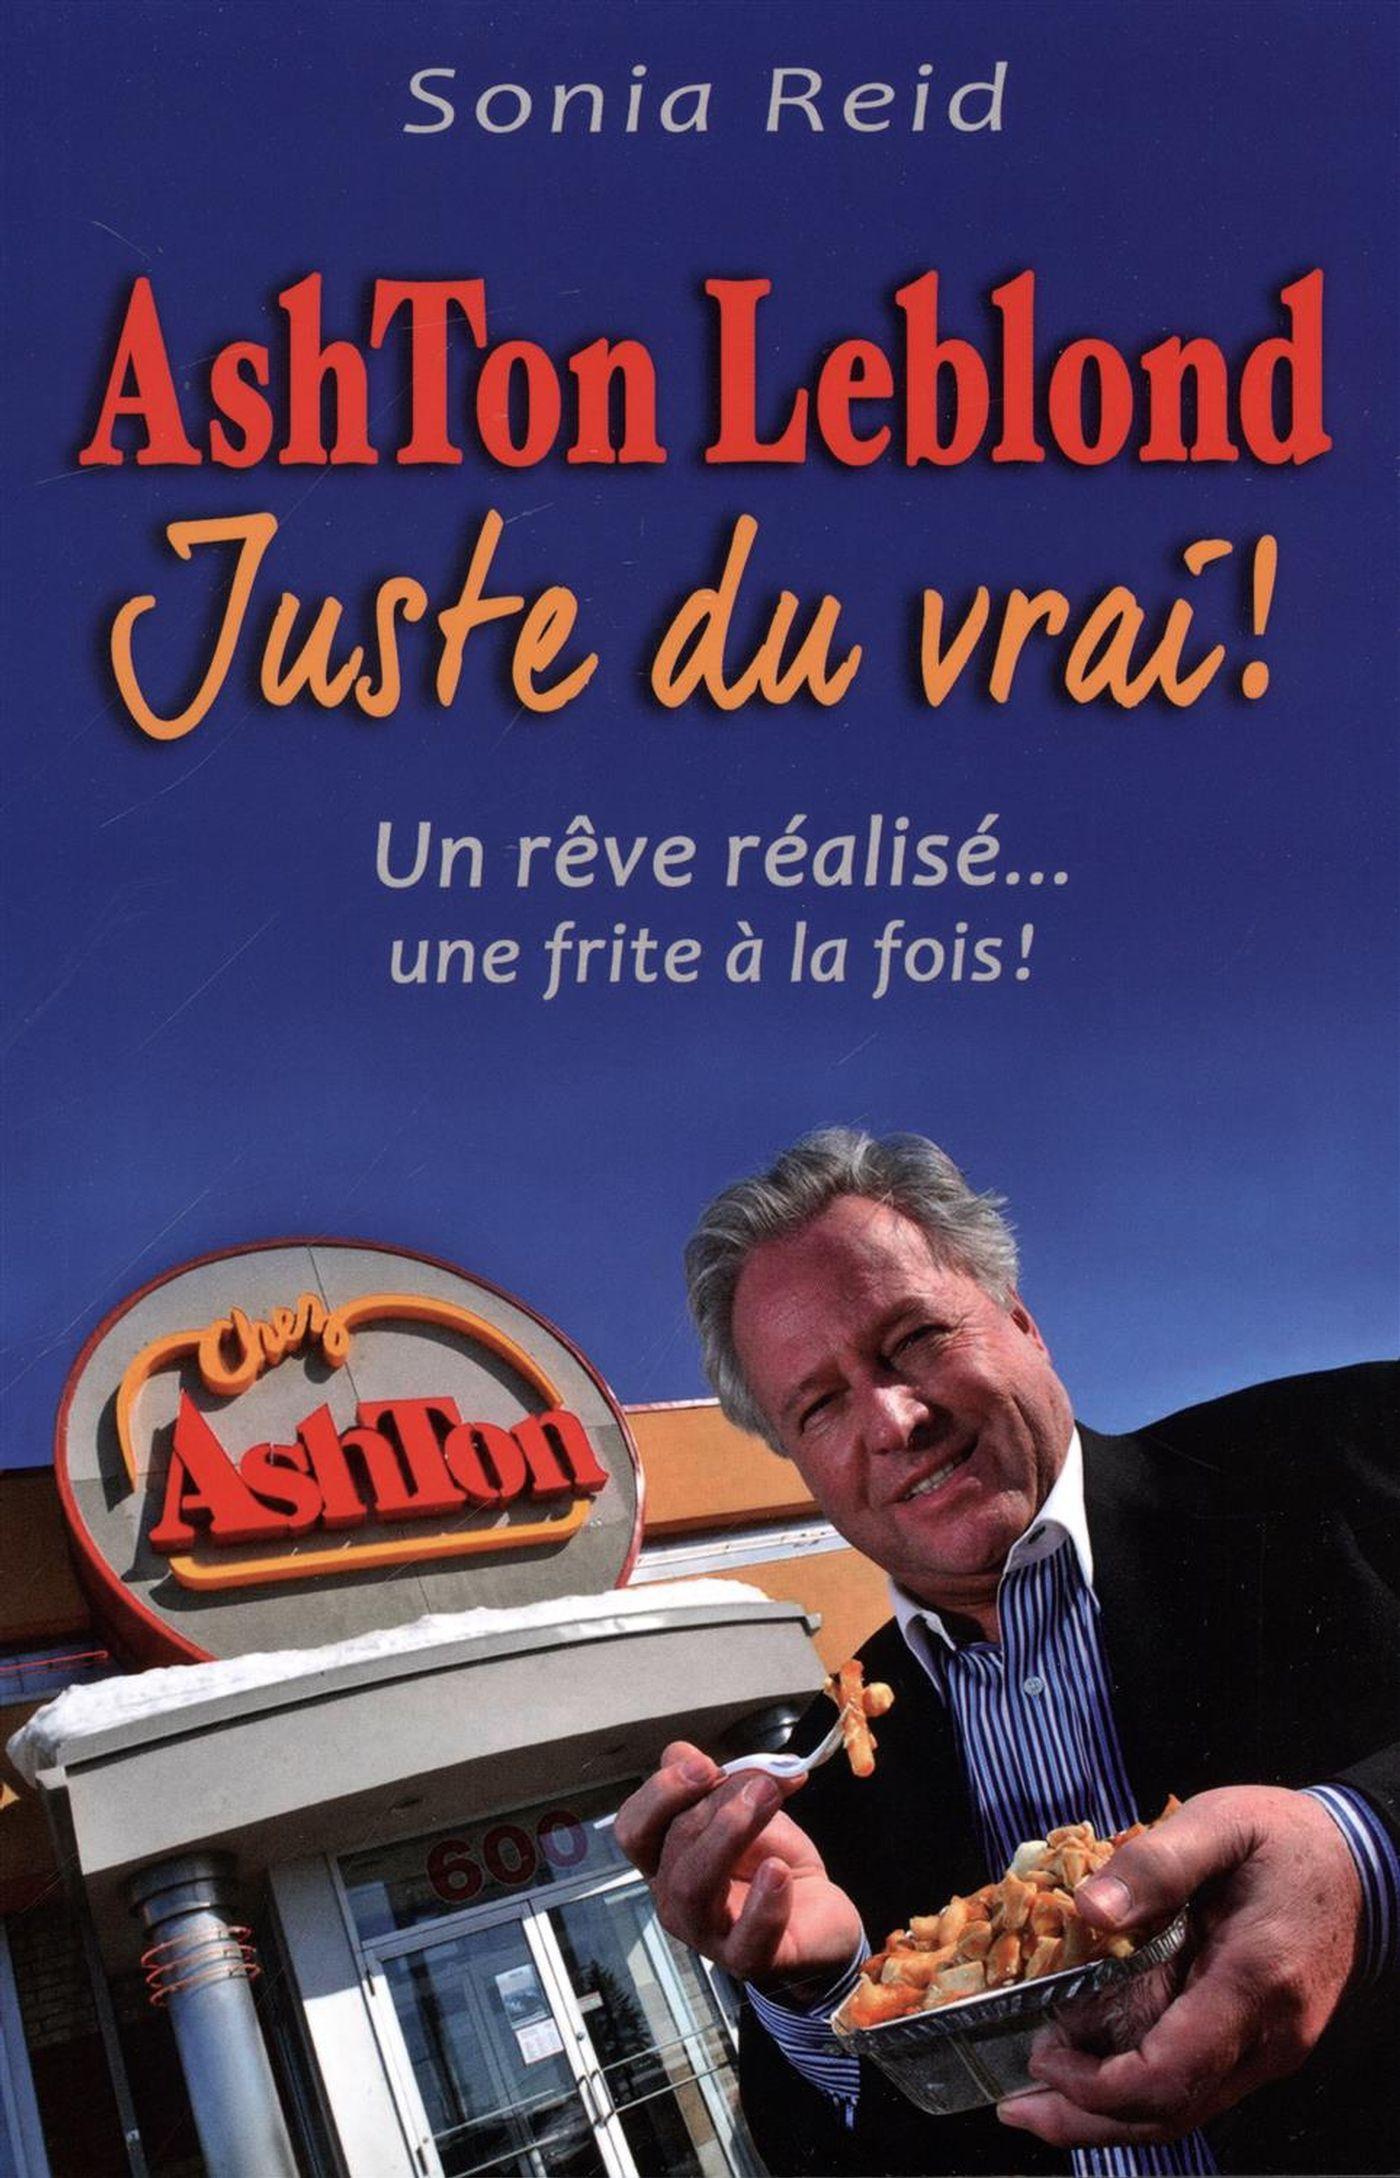 Ashton Leblond : Juste du v...